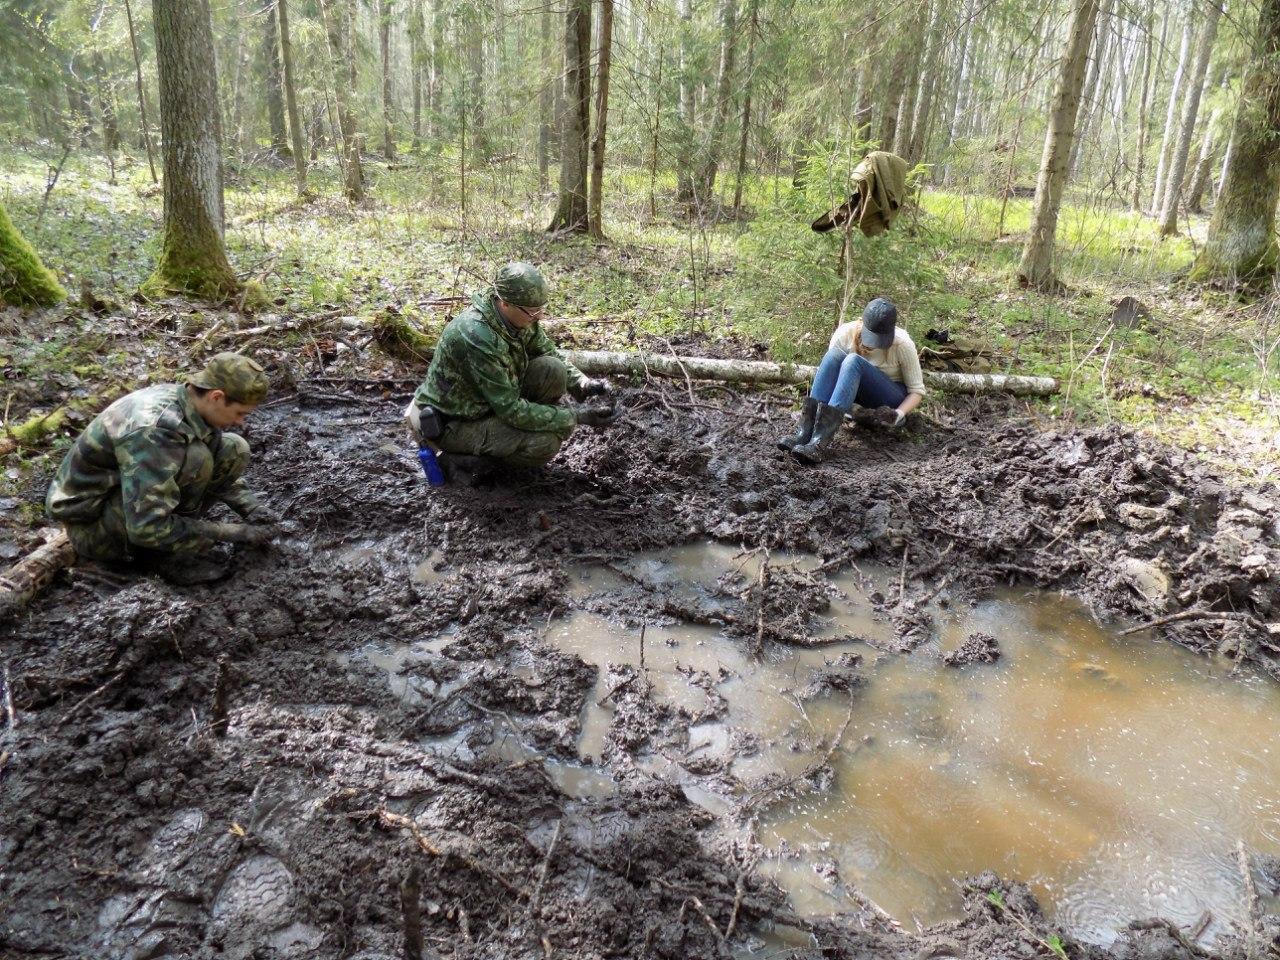 Отряд может работать в течение месяца в лесу, не выезжая за его пределы